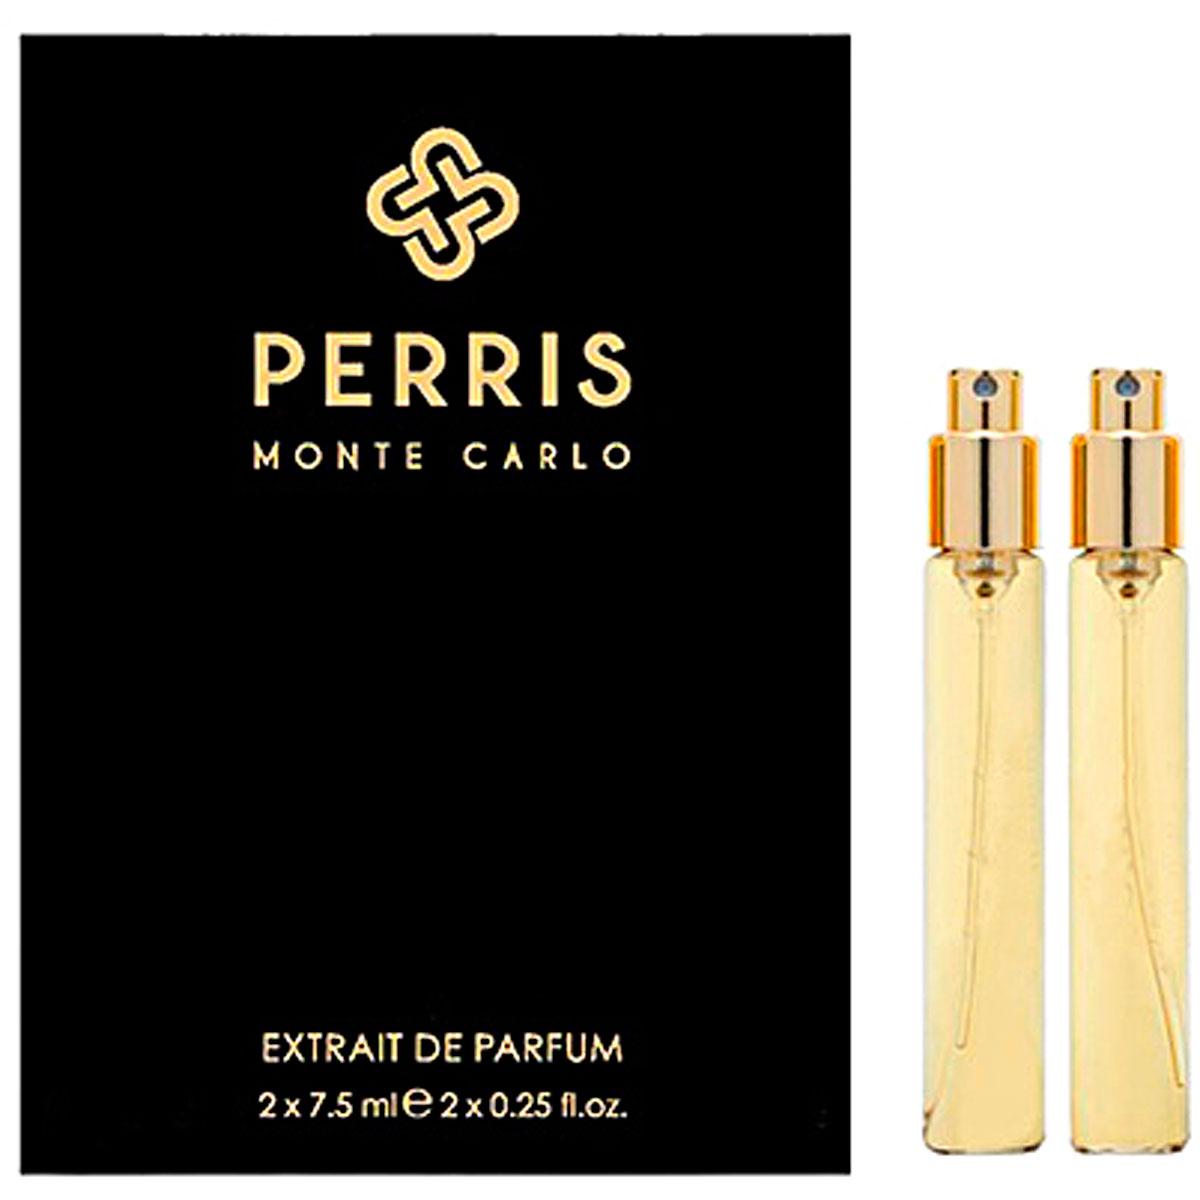 Perris Monte Carlo Fragrances for Men, Santal Du Pacifique Travel Refill - Extrait De Parfum - 2 X 7.5 Ml, 2019, 2 x 7.5 ml